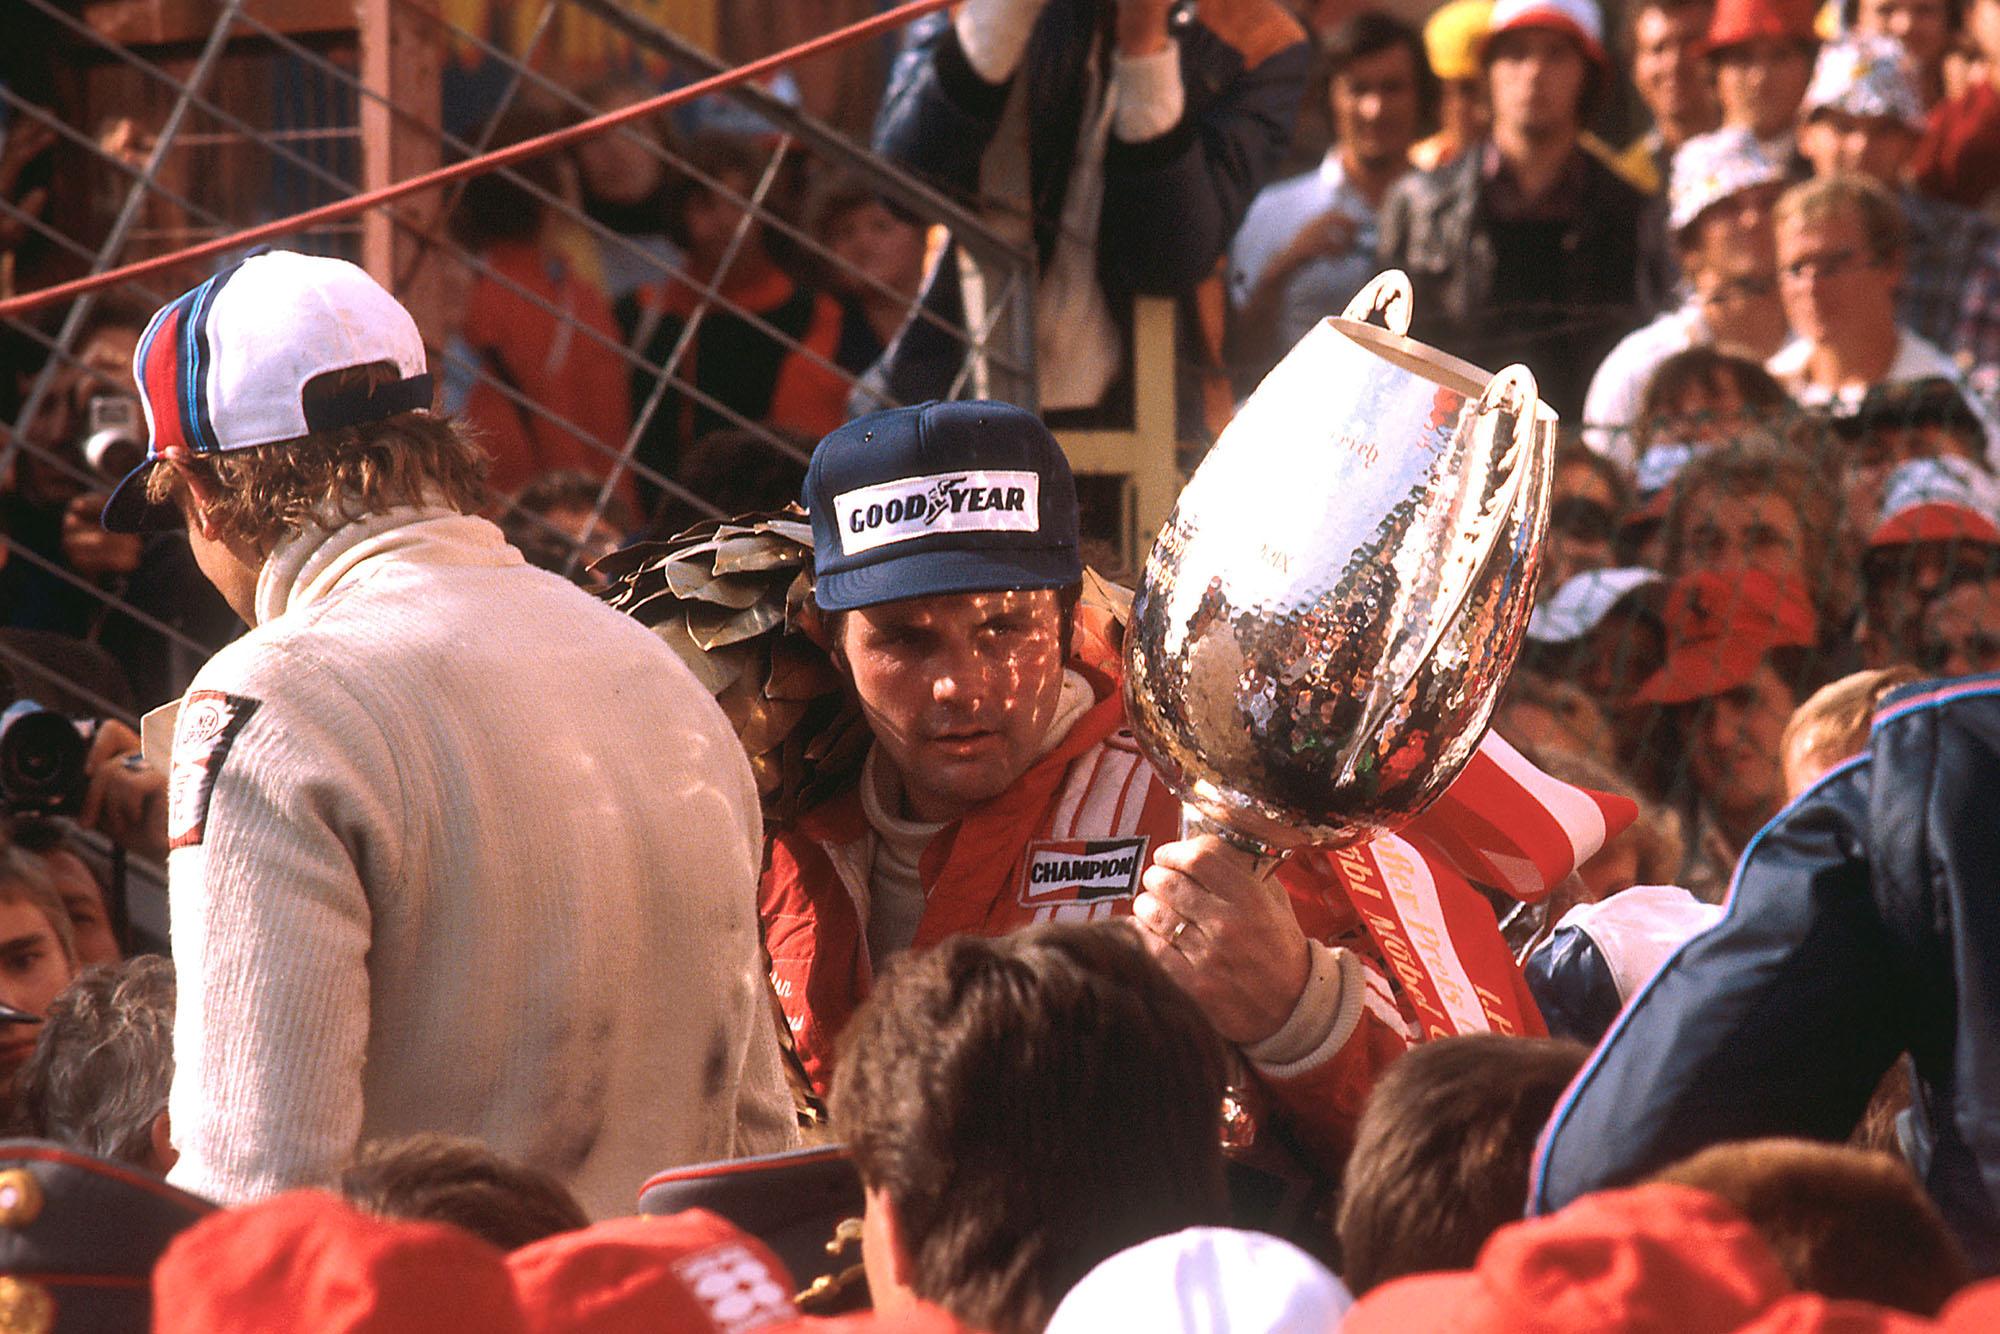 1977 Austrian GP podium 2